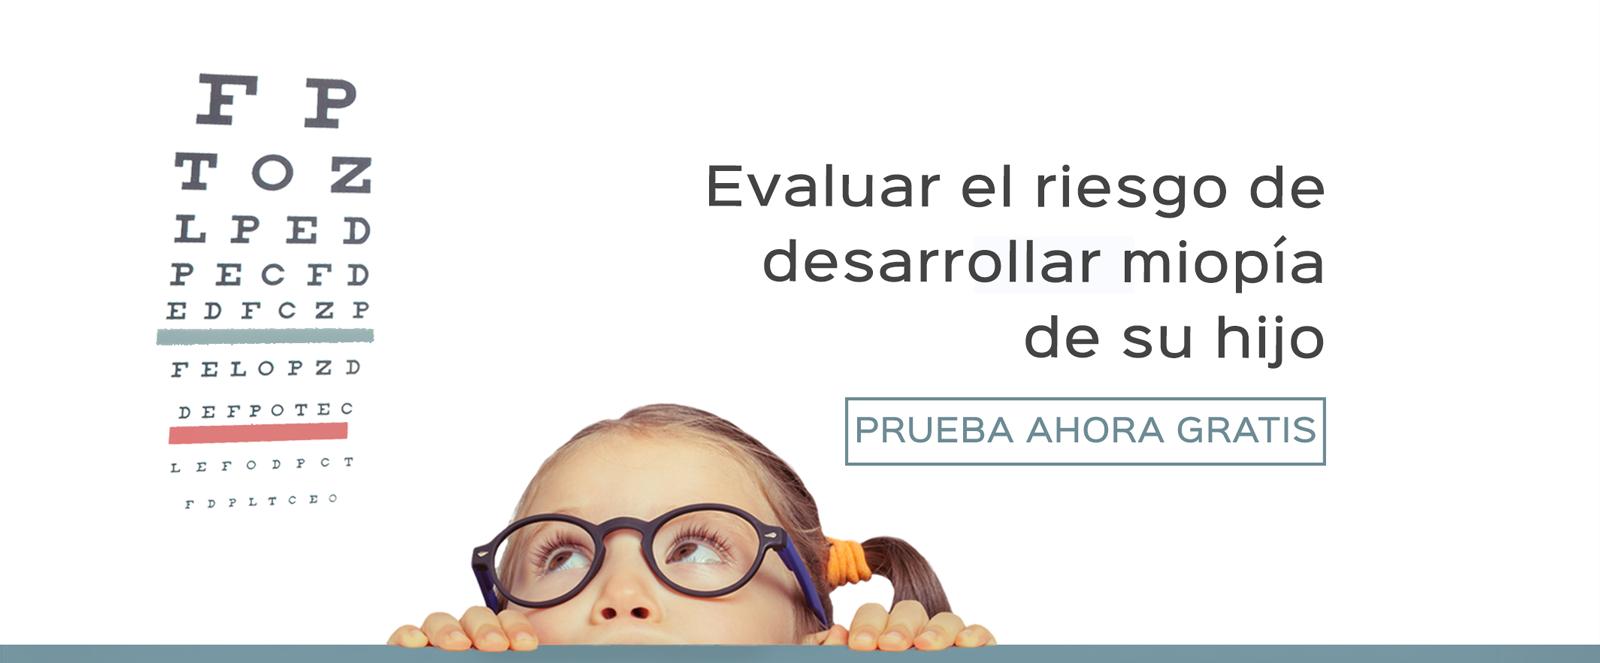 Evaluar el riesgo de desarrollar miopía de su hijo